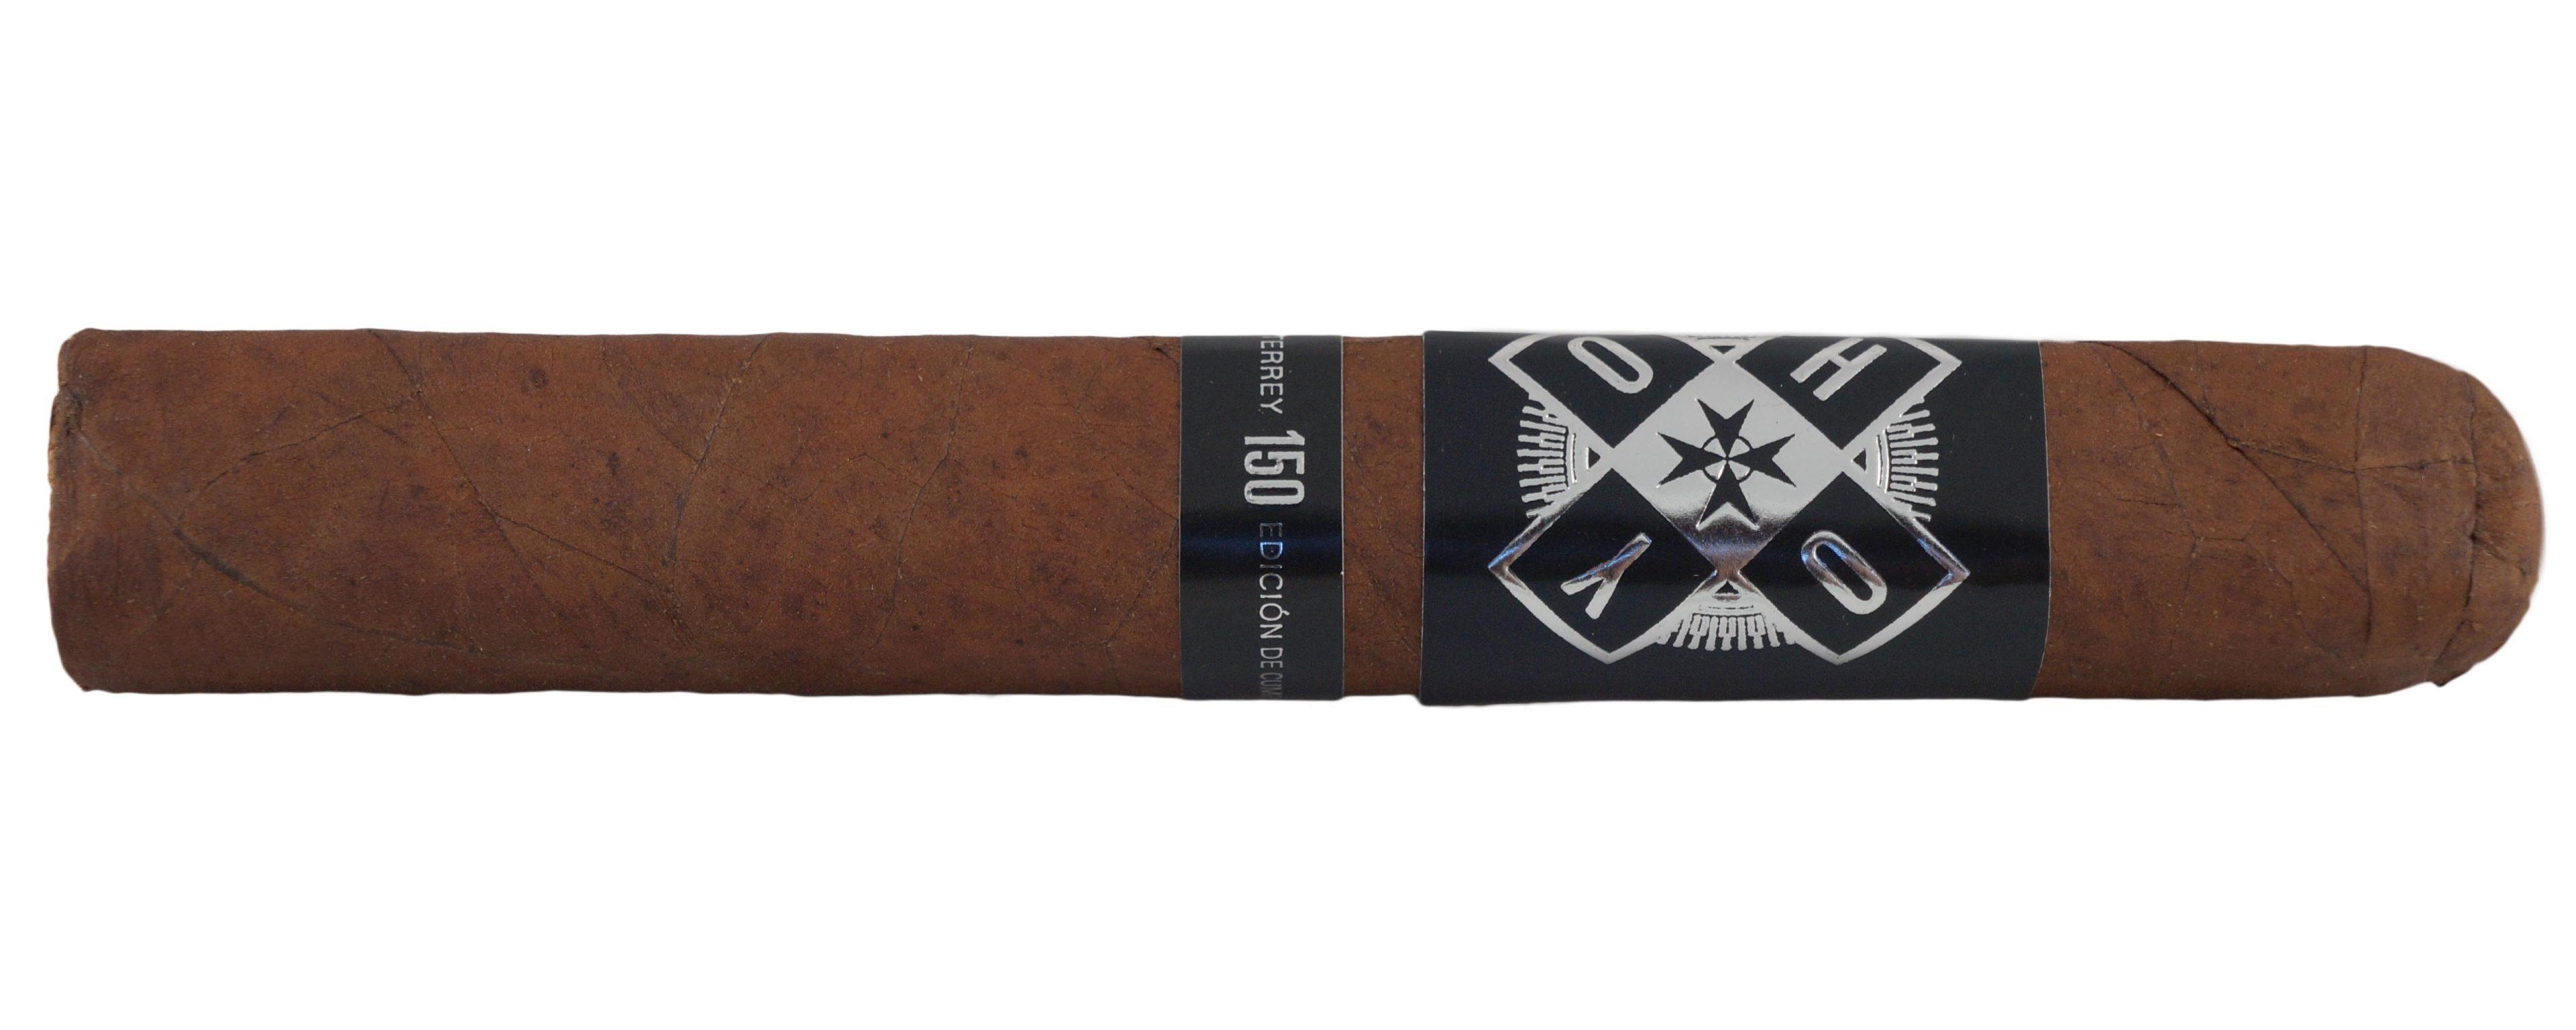 Blind Cigar Review: Hoyo de Monterrey (DR) | Edición de Cumpleaños 150